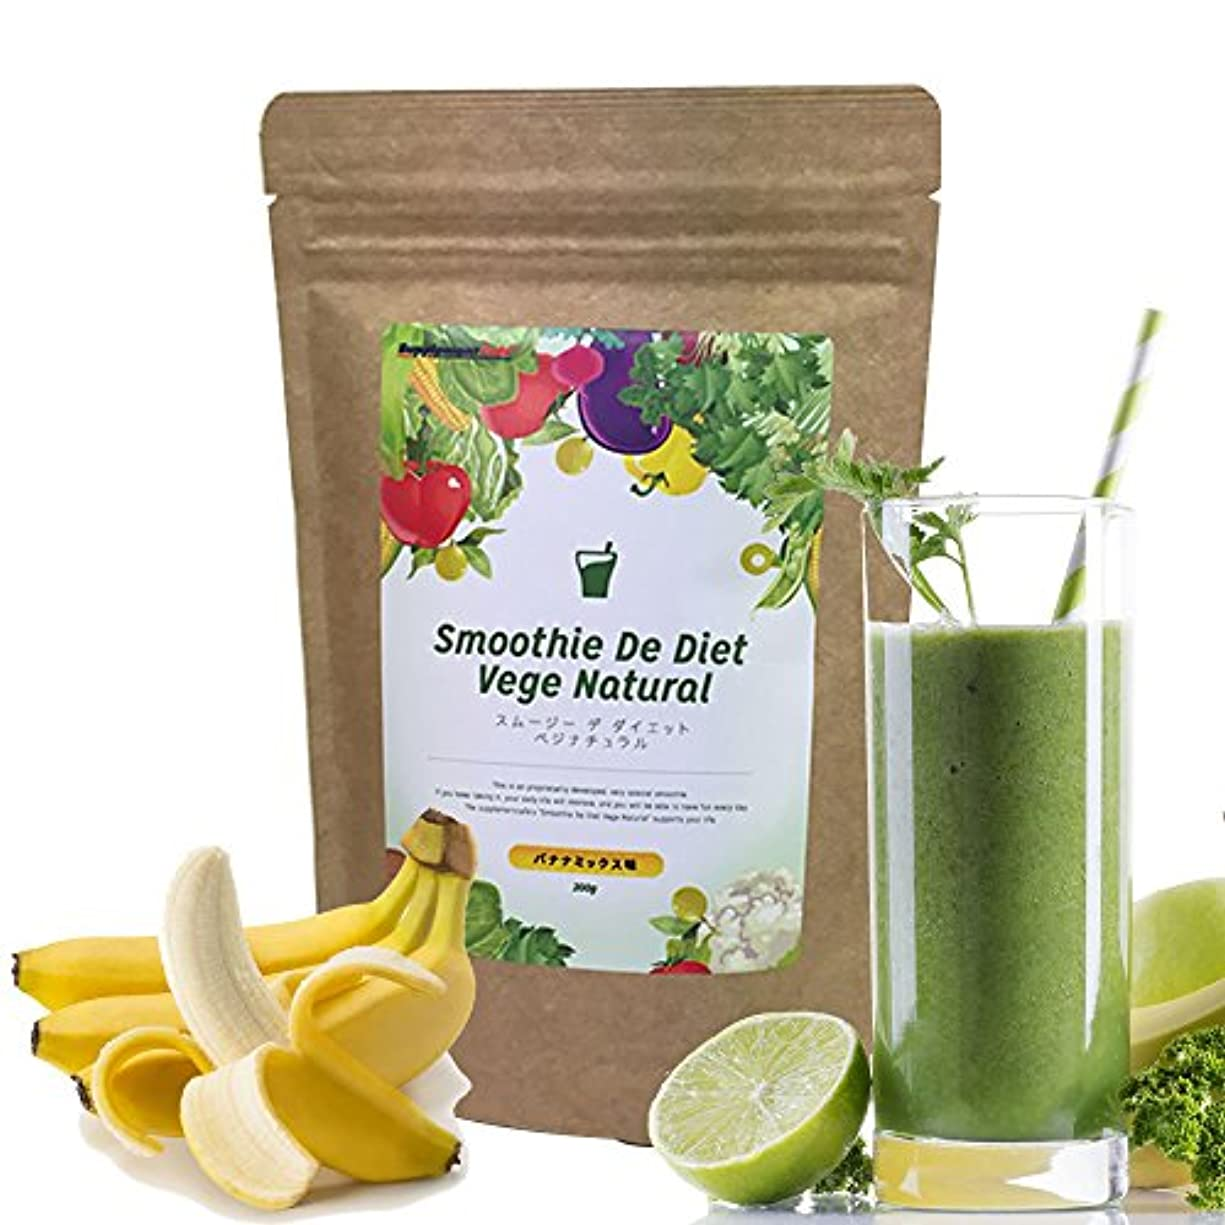 体現するとんでもない未使用スムージーデダイエットべジナチュラル 野菜酵素352種MIX グリーンスムージー (バナナミックス)